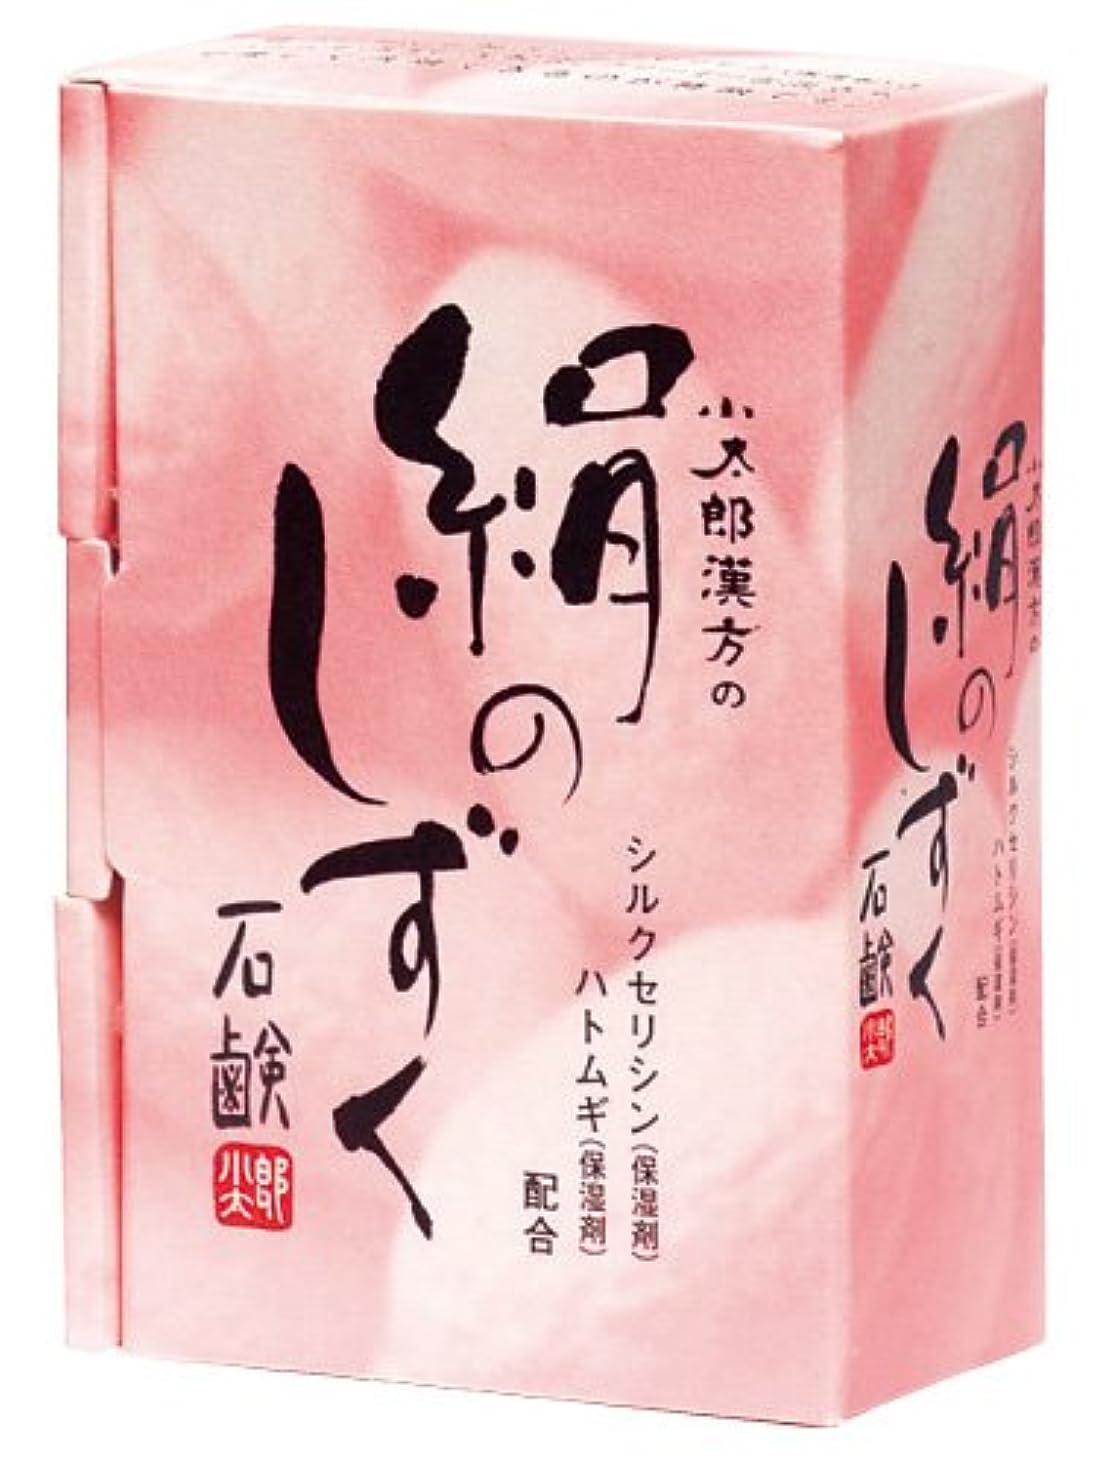 ビーム反射スキャン小太郎 絹のしずく石鹸